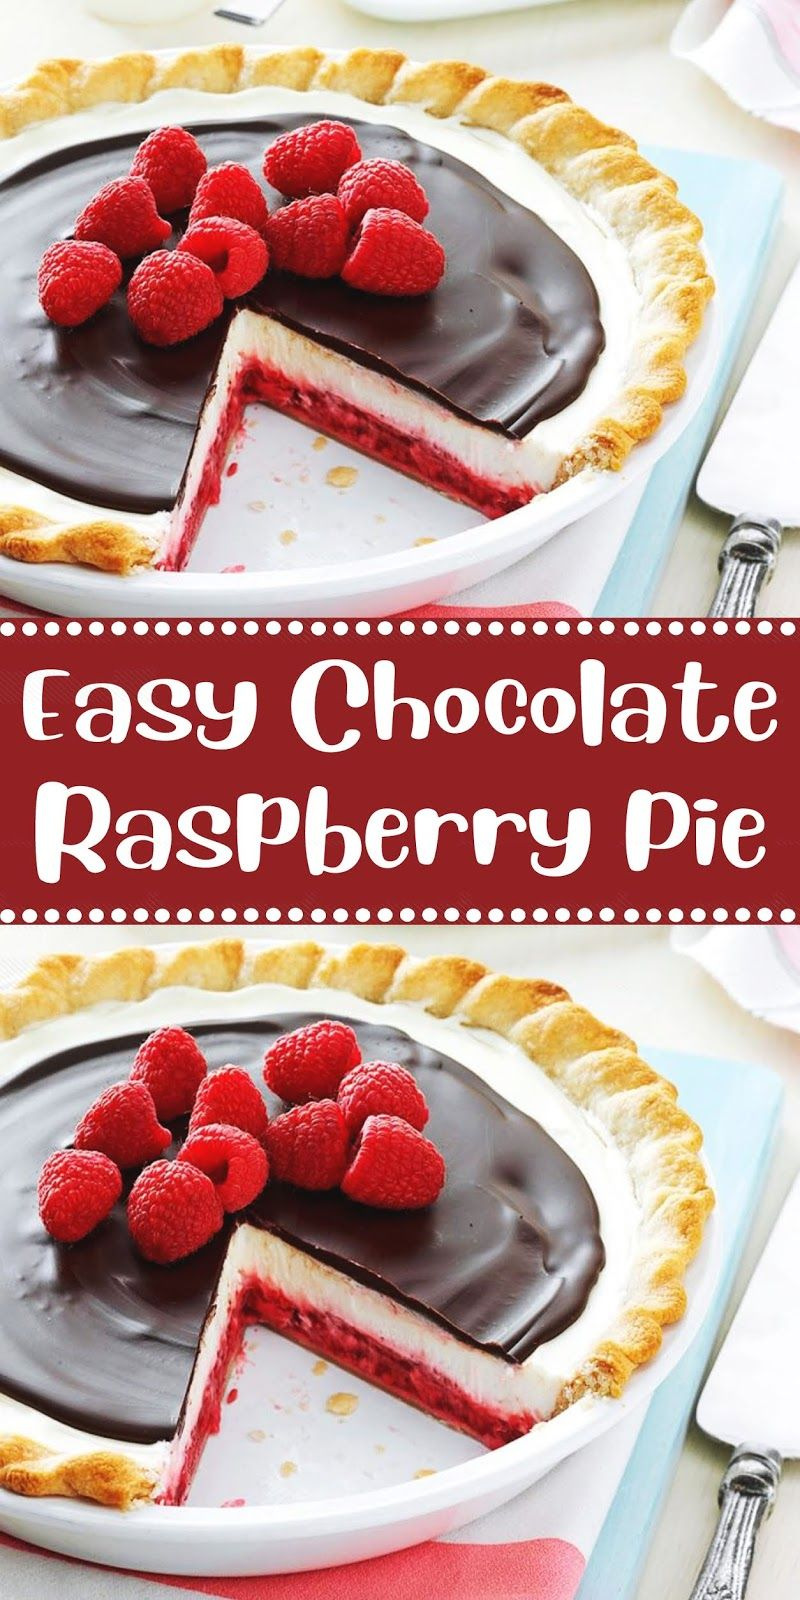 Easy Chocolate Raspberry Pie Resep Makanan Penutup Resep Biskuit Resep Masakan Natal